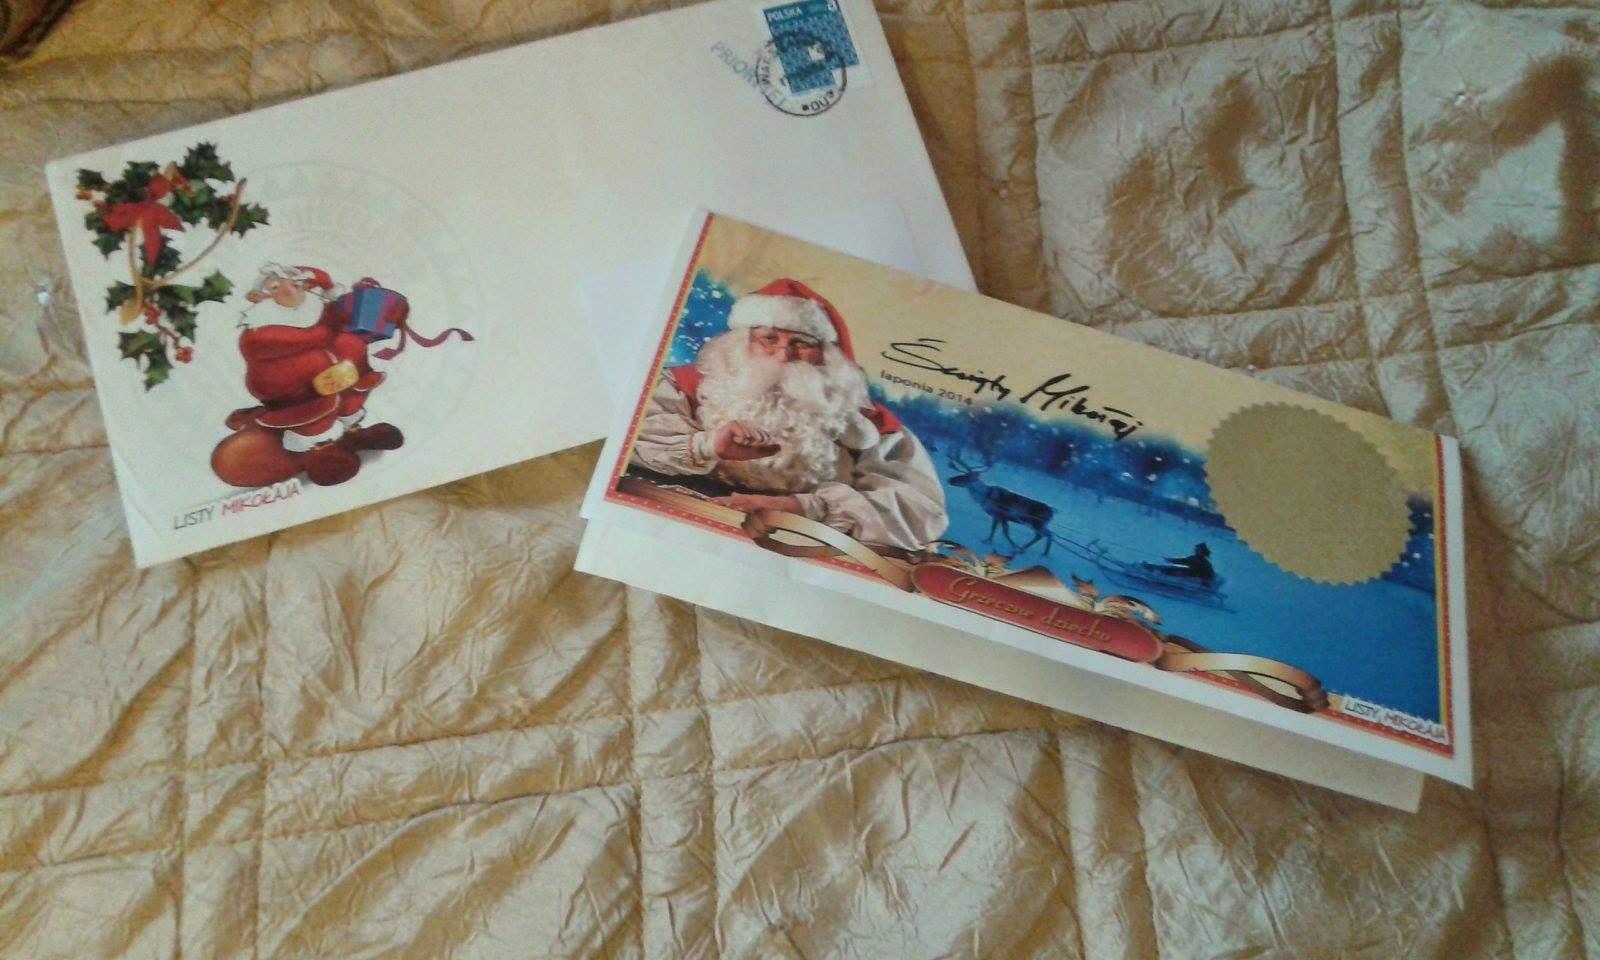 Mikołajowy odzew na dziecięcy list